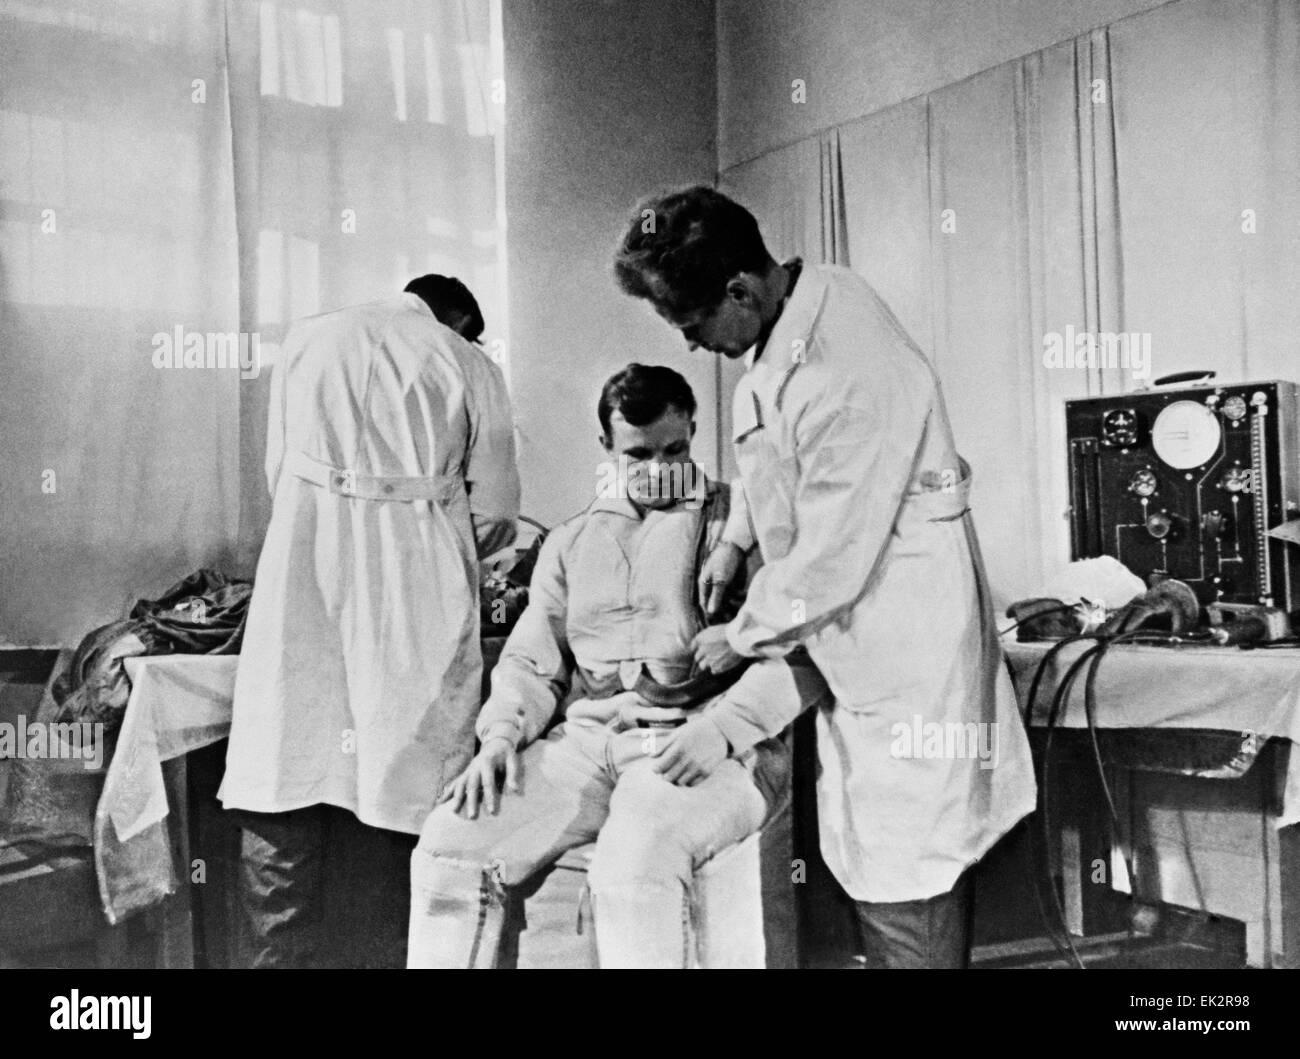 Kazakh SSR. Baikonur Cosmodrome. First spaceman Yuri Gagarin. - Stock Image